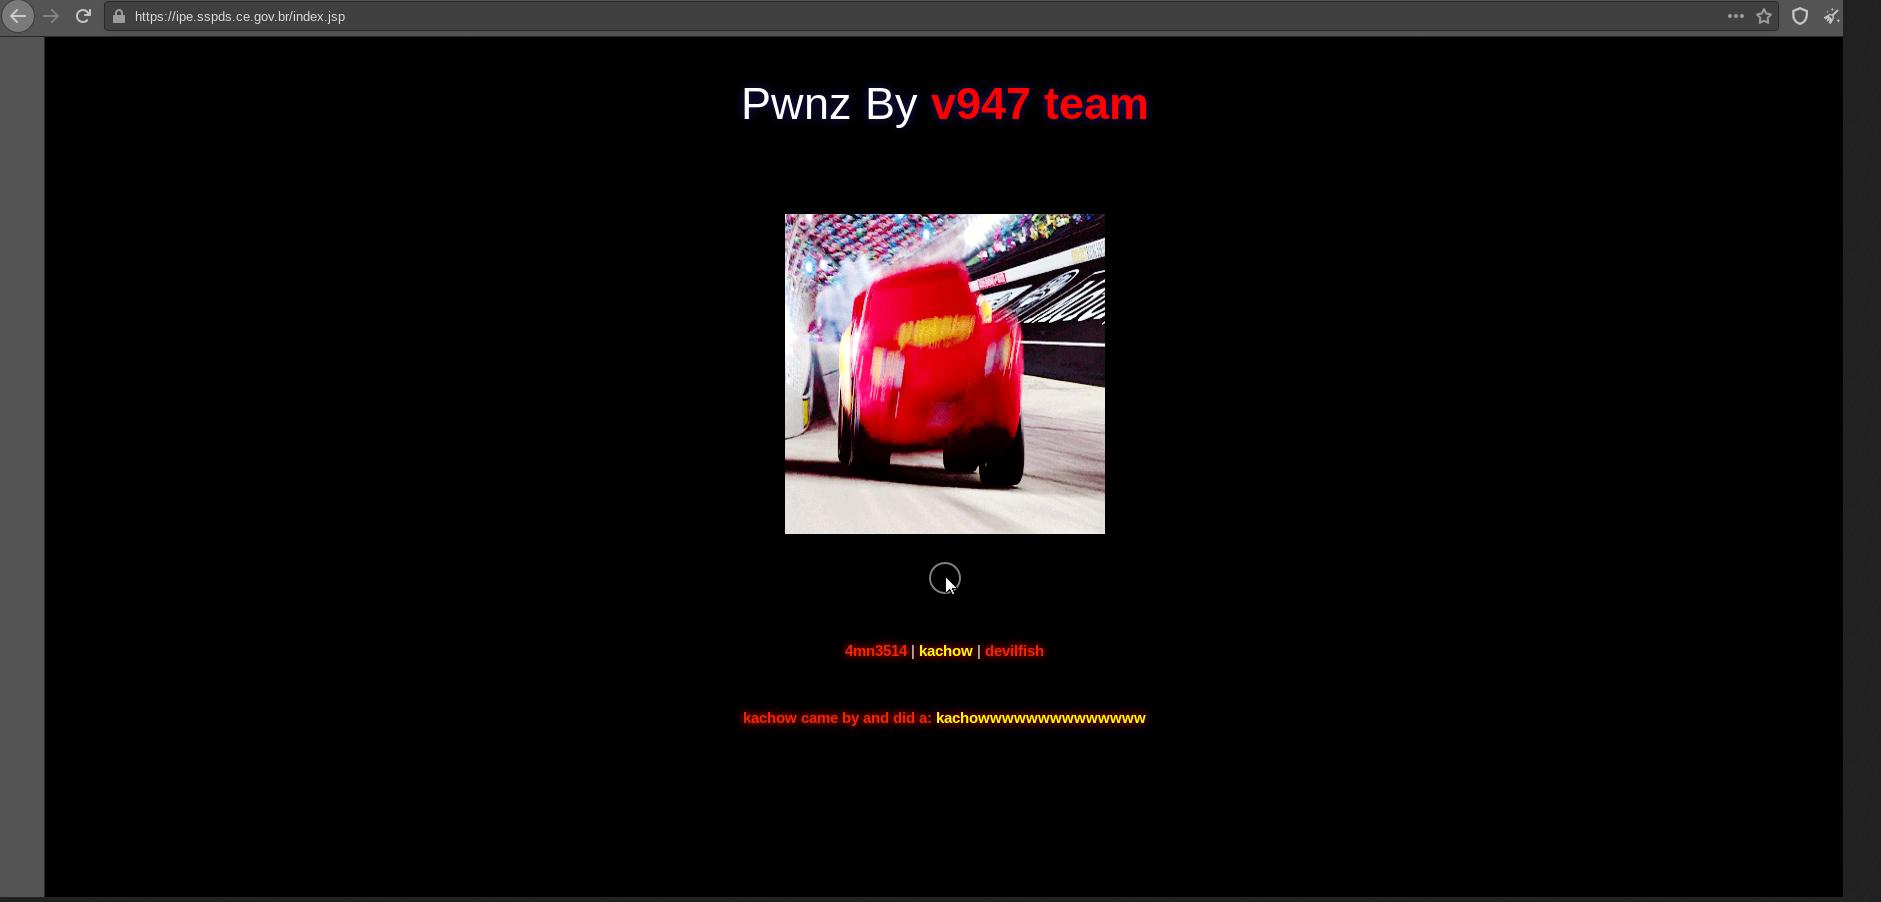 v9477 - Leak